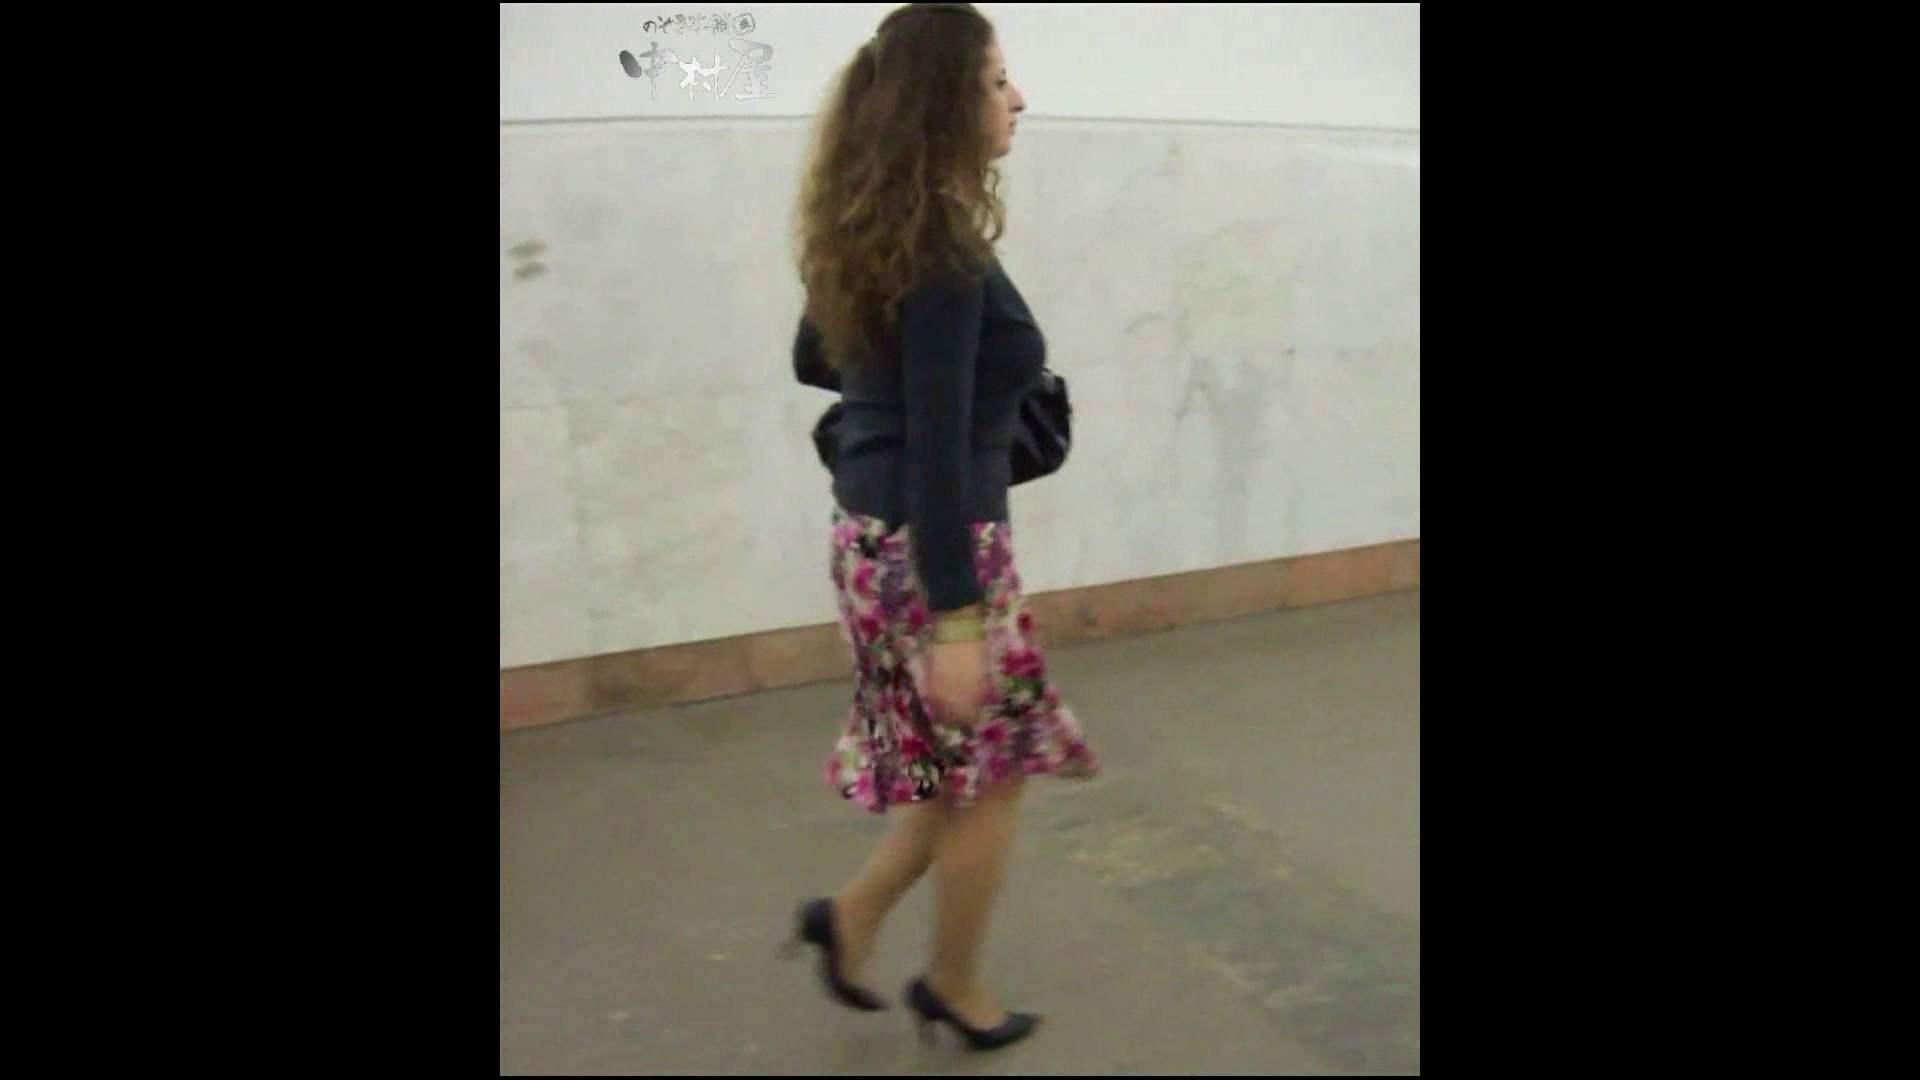 綺麗なモデルさんのスカート捲っちゃおう‼ vol21 お姉さんのエロ動画  87PIX 8